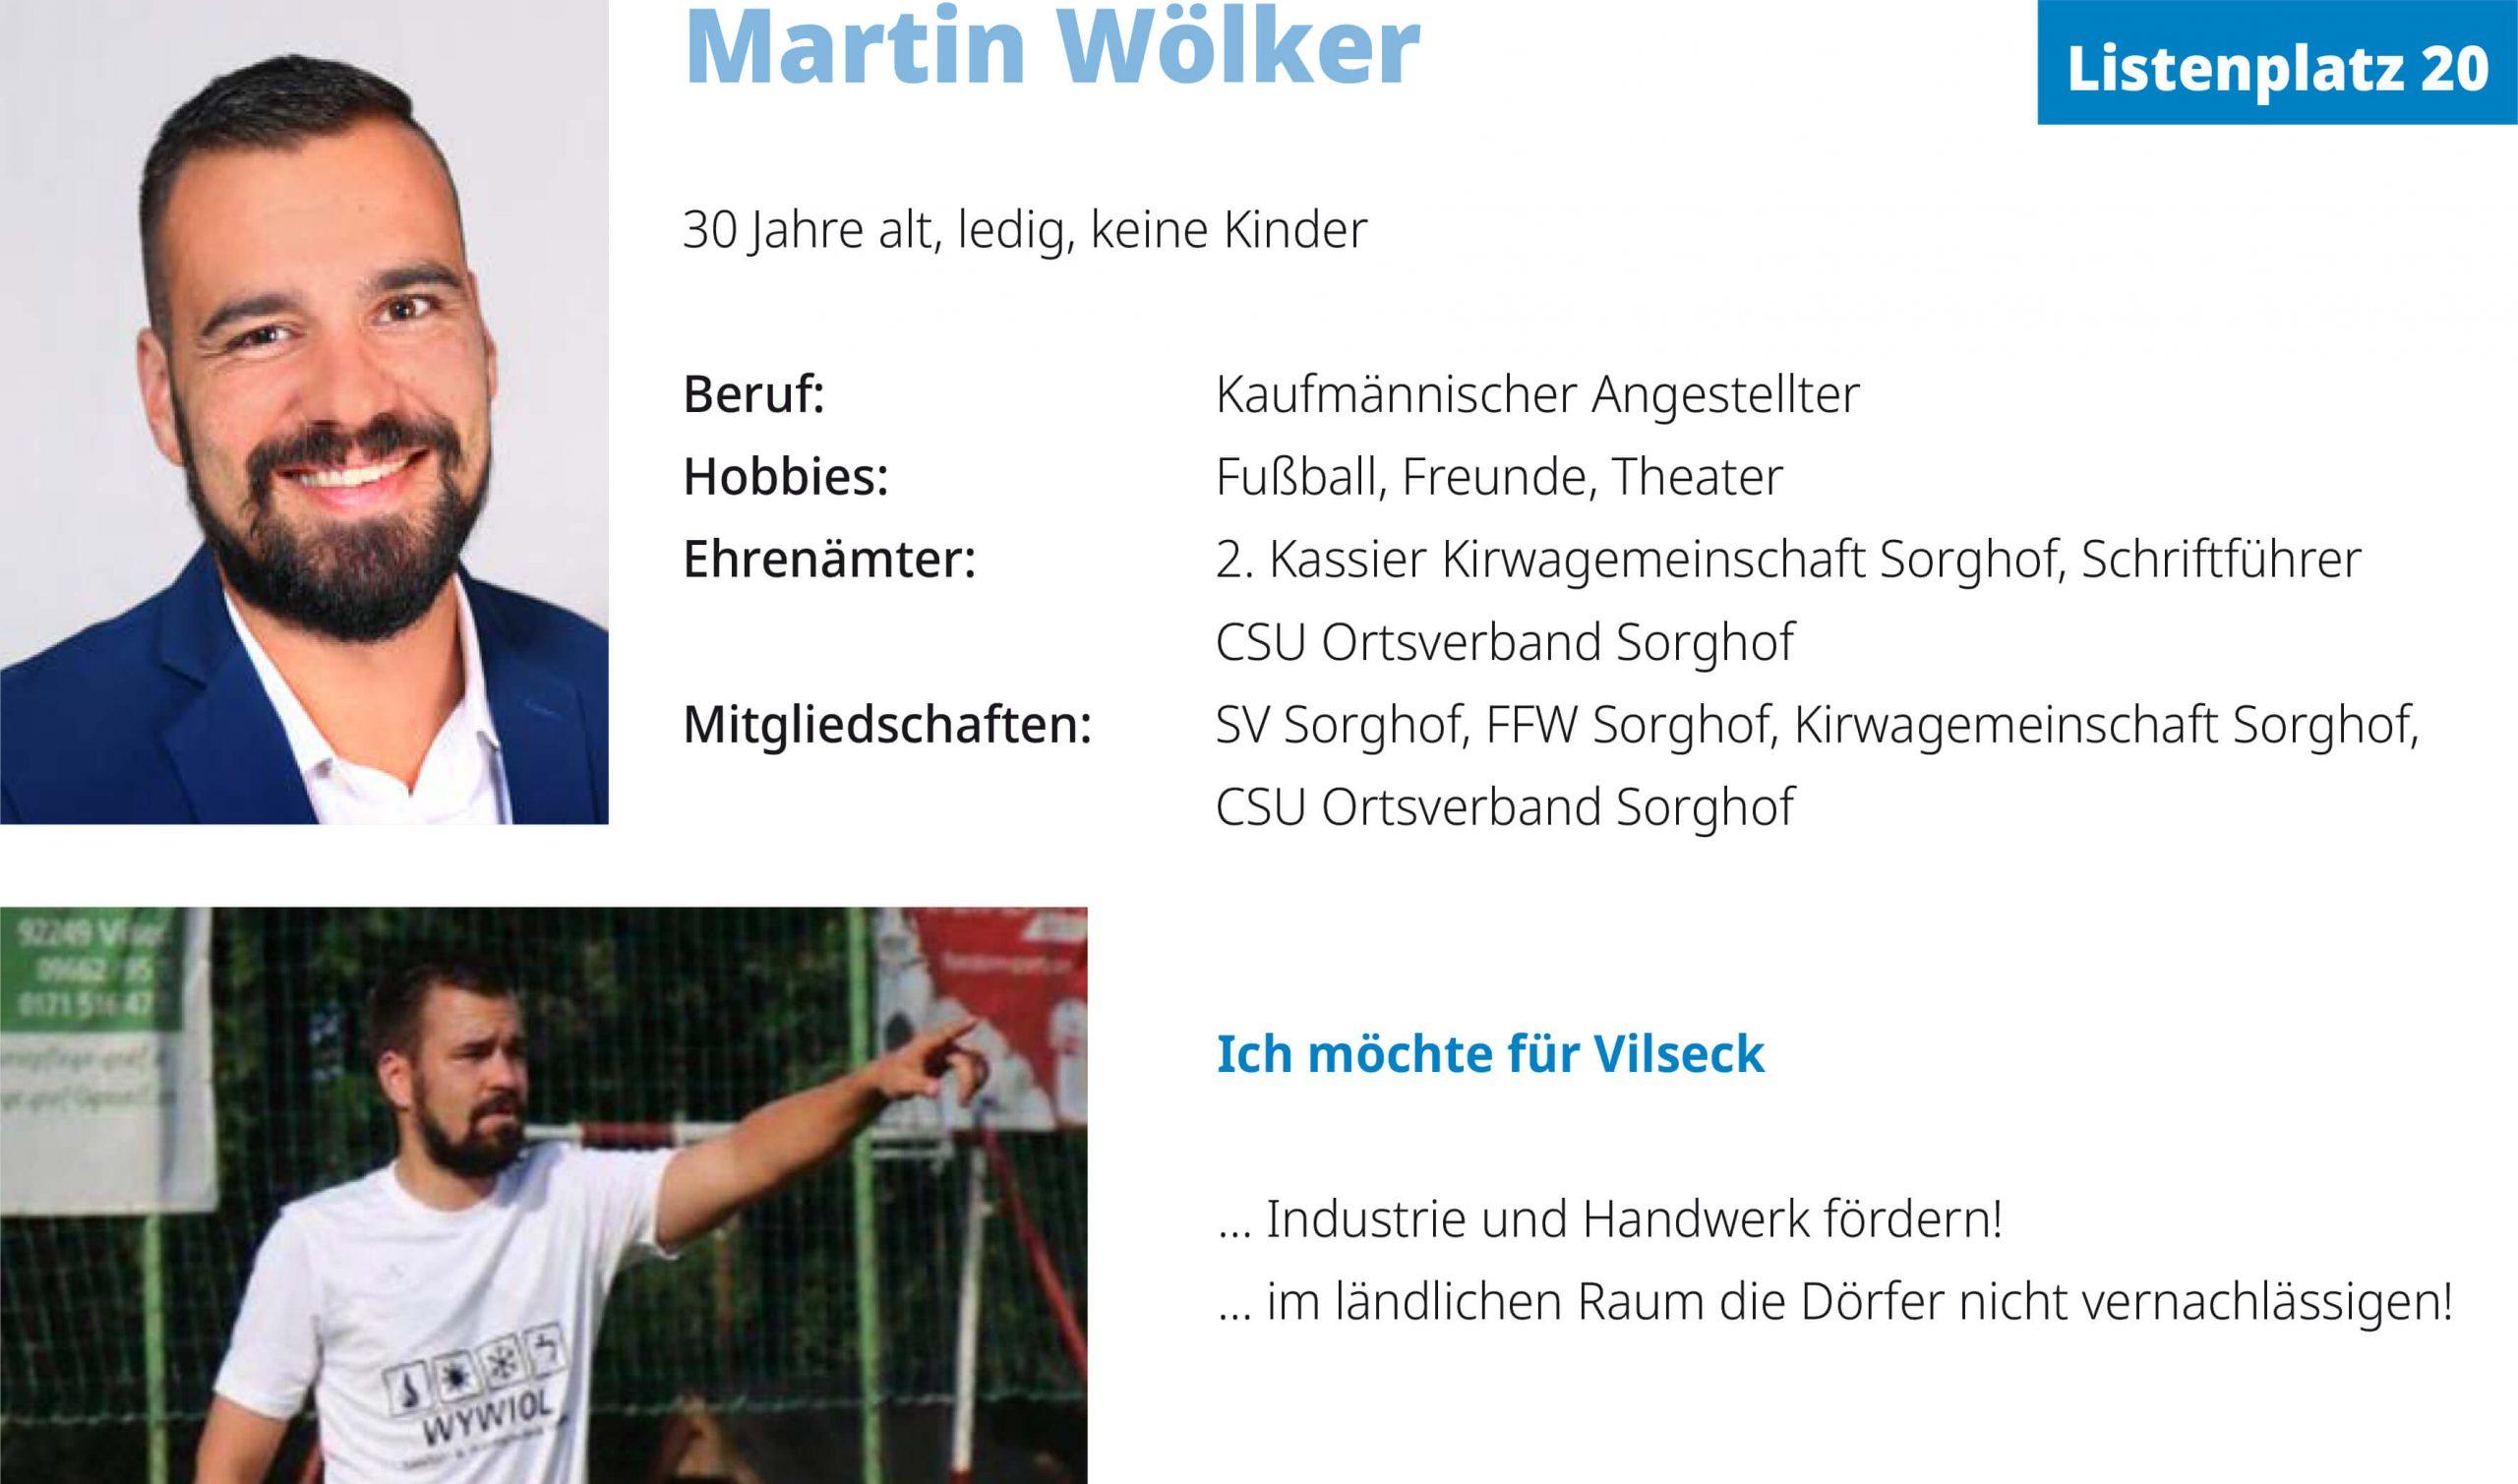 Martin Wölker